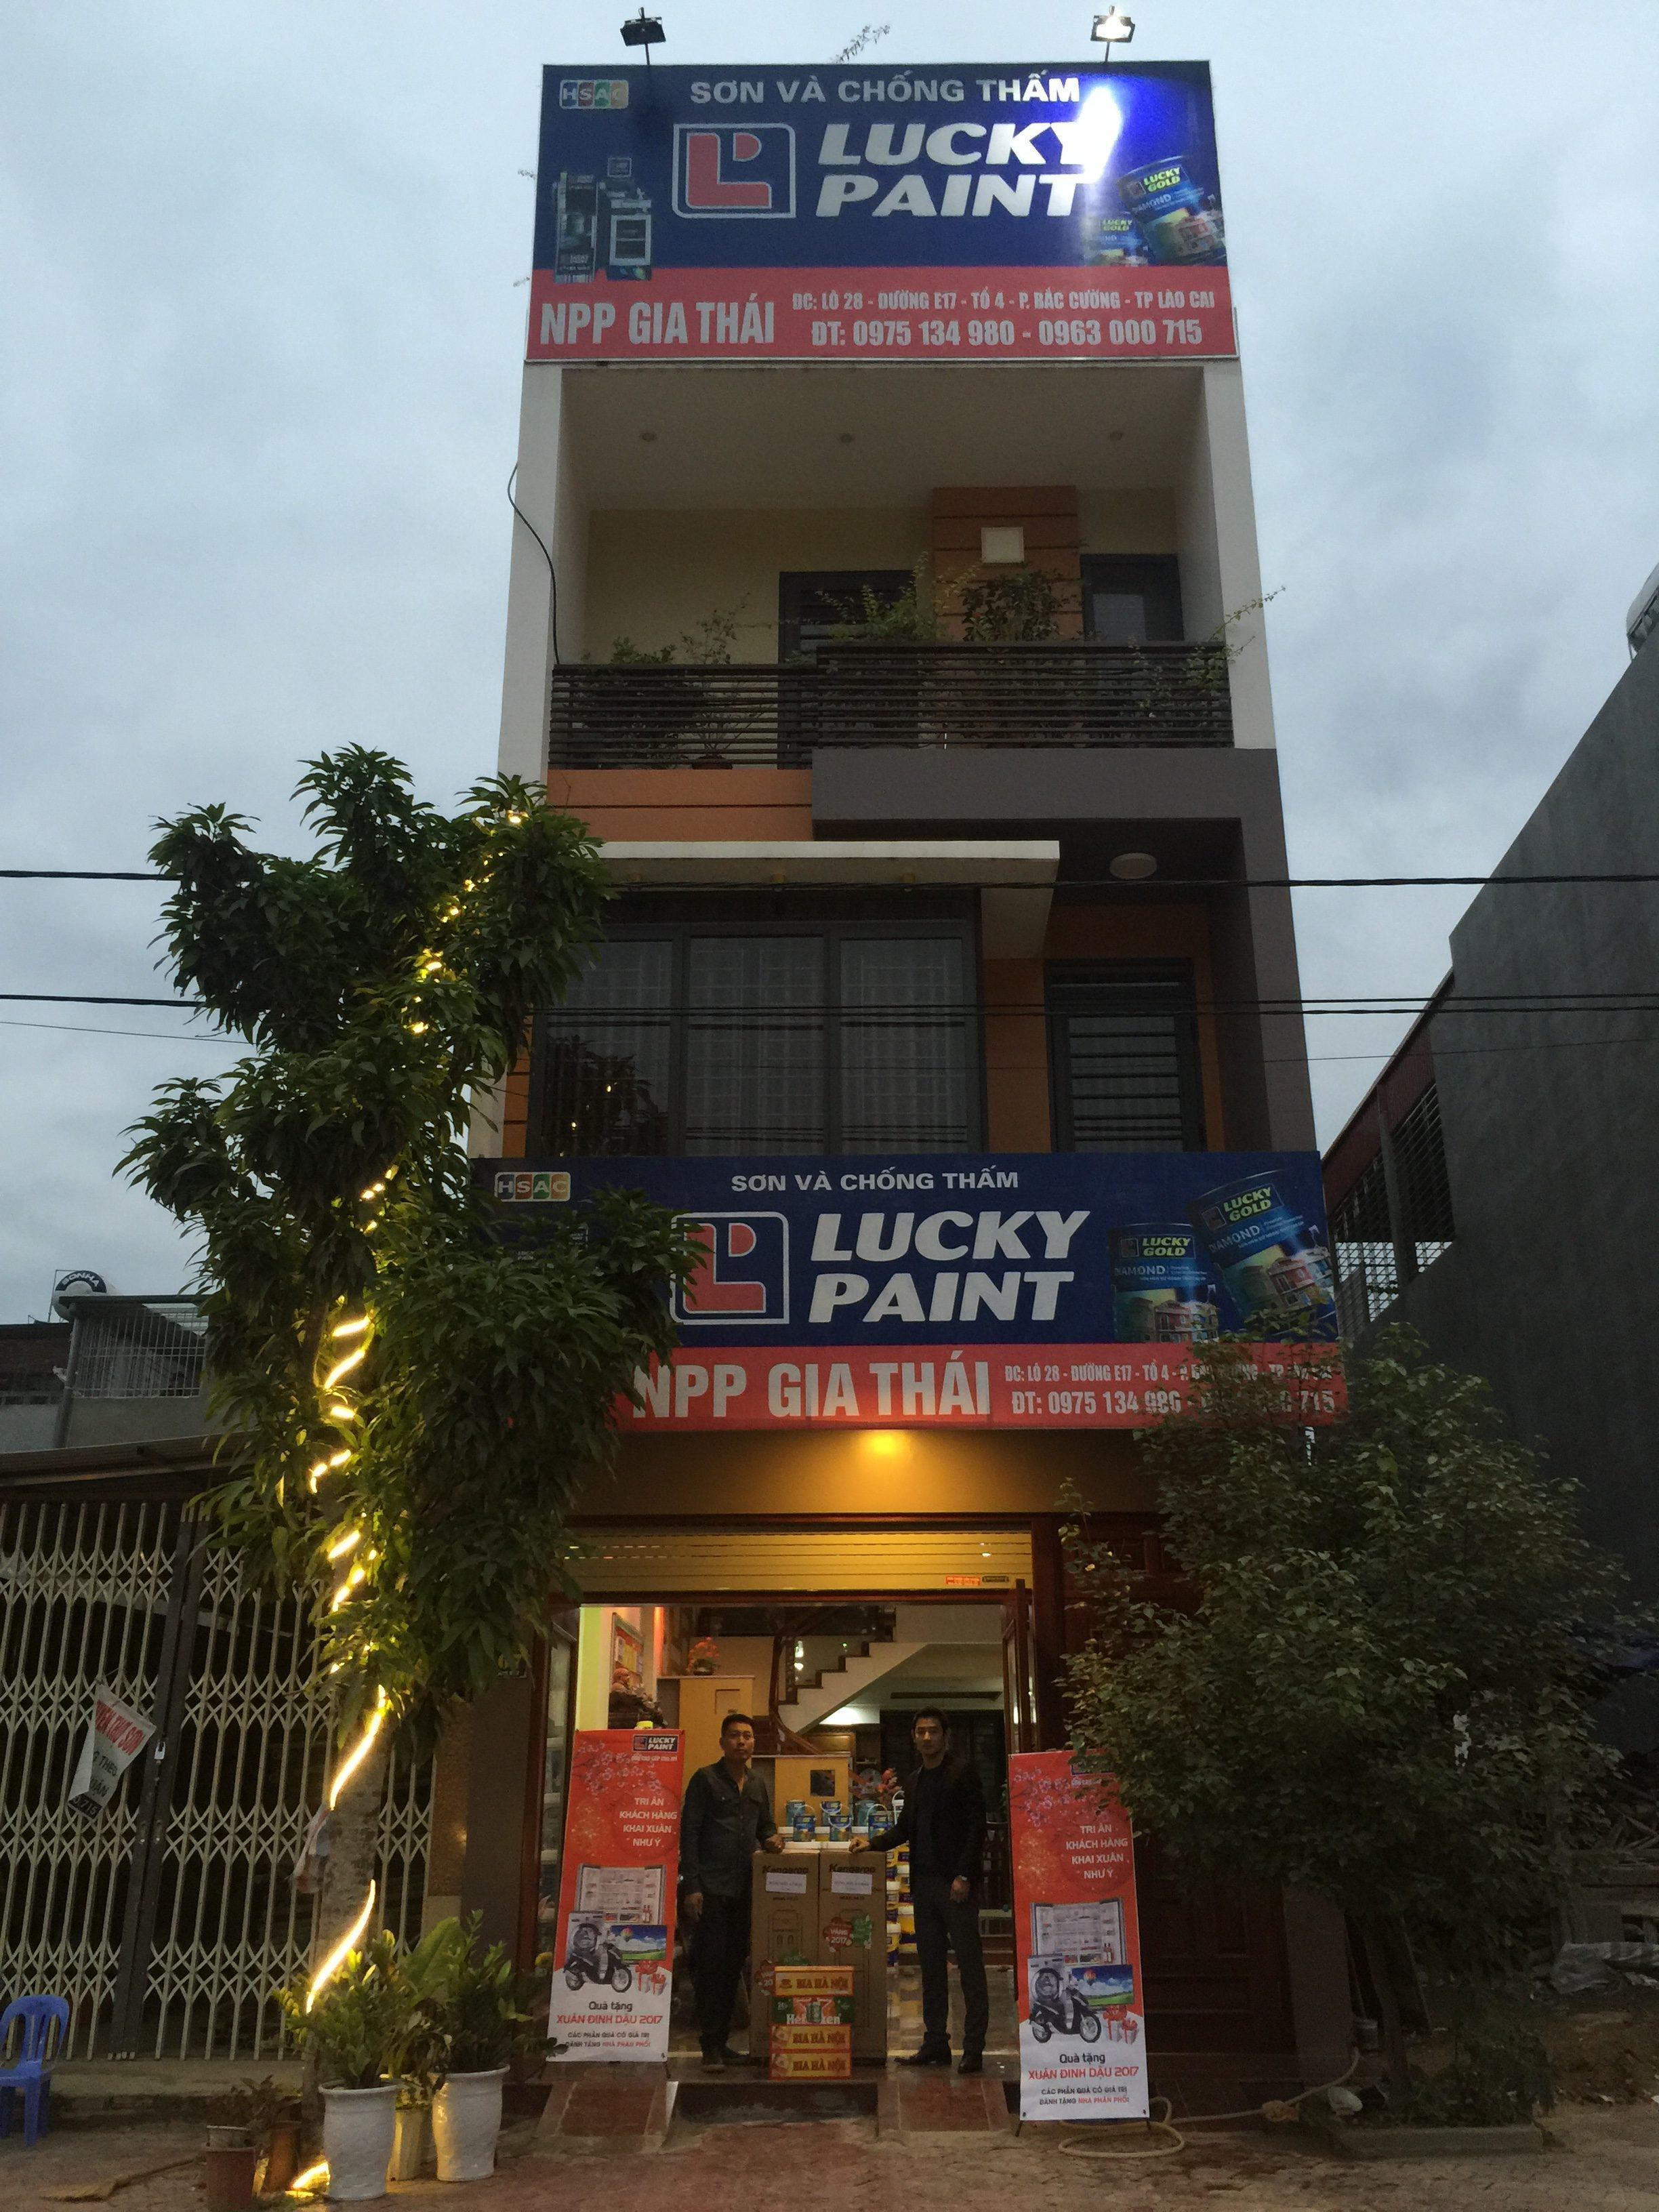 Dùng sơn dầu chống thấm ngoài trời có hiệu quả không?